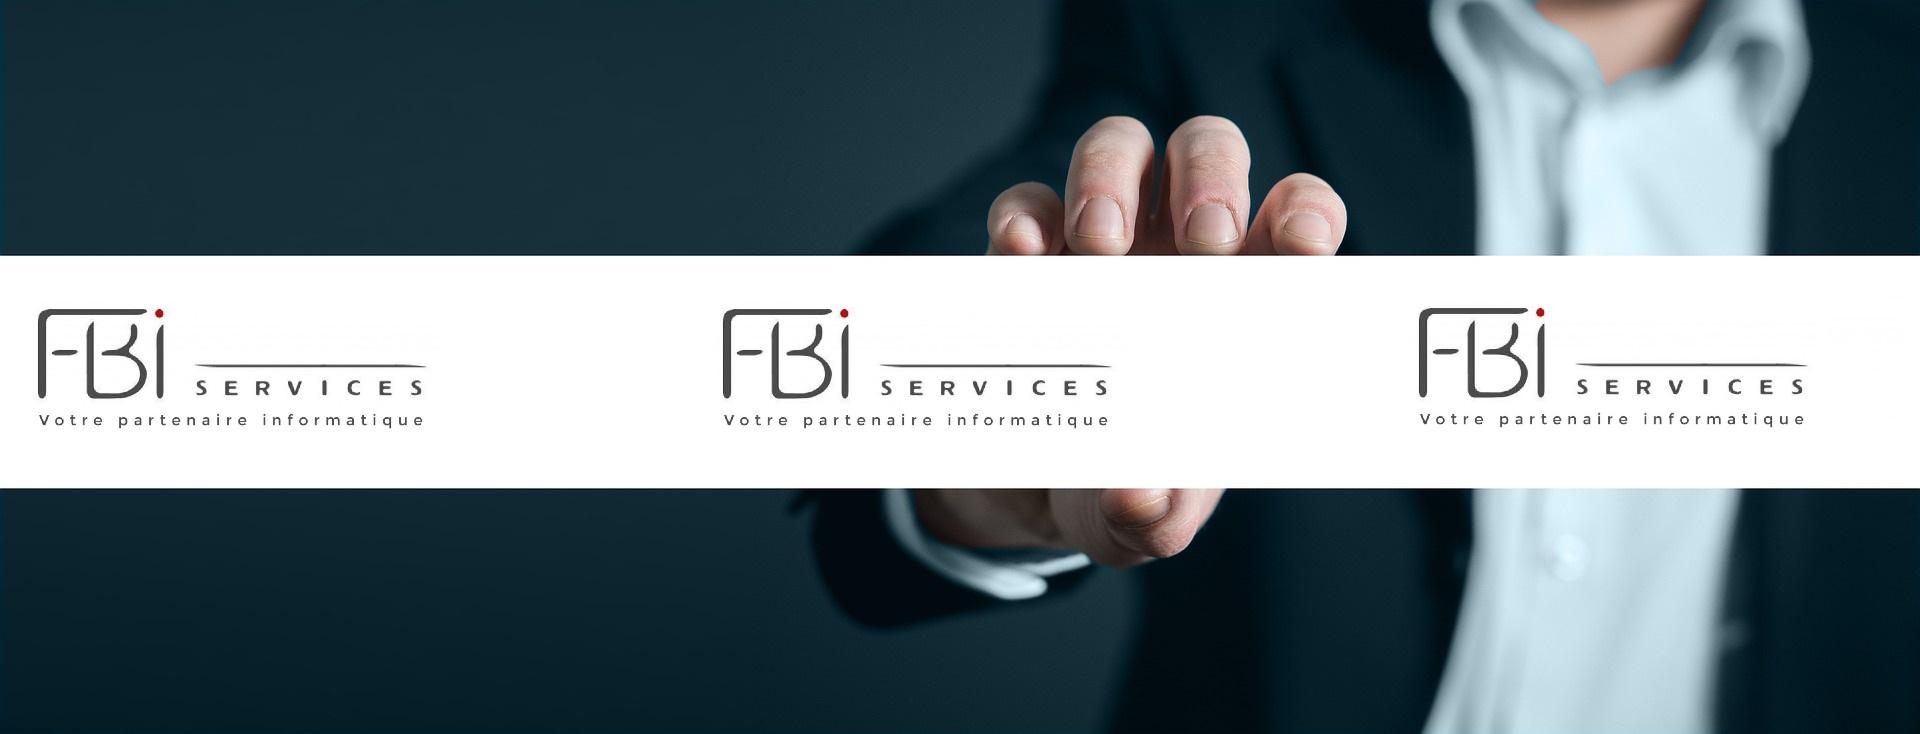 Dépannage-informatique-paris-FBI